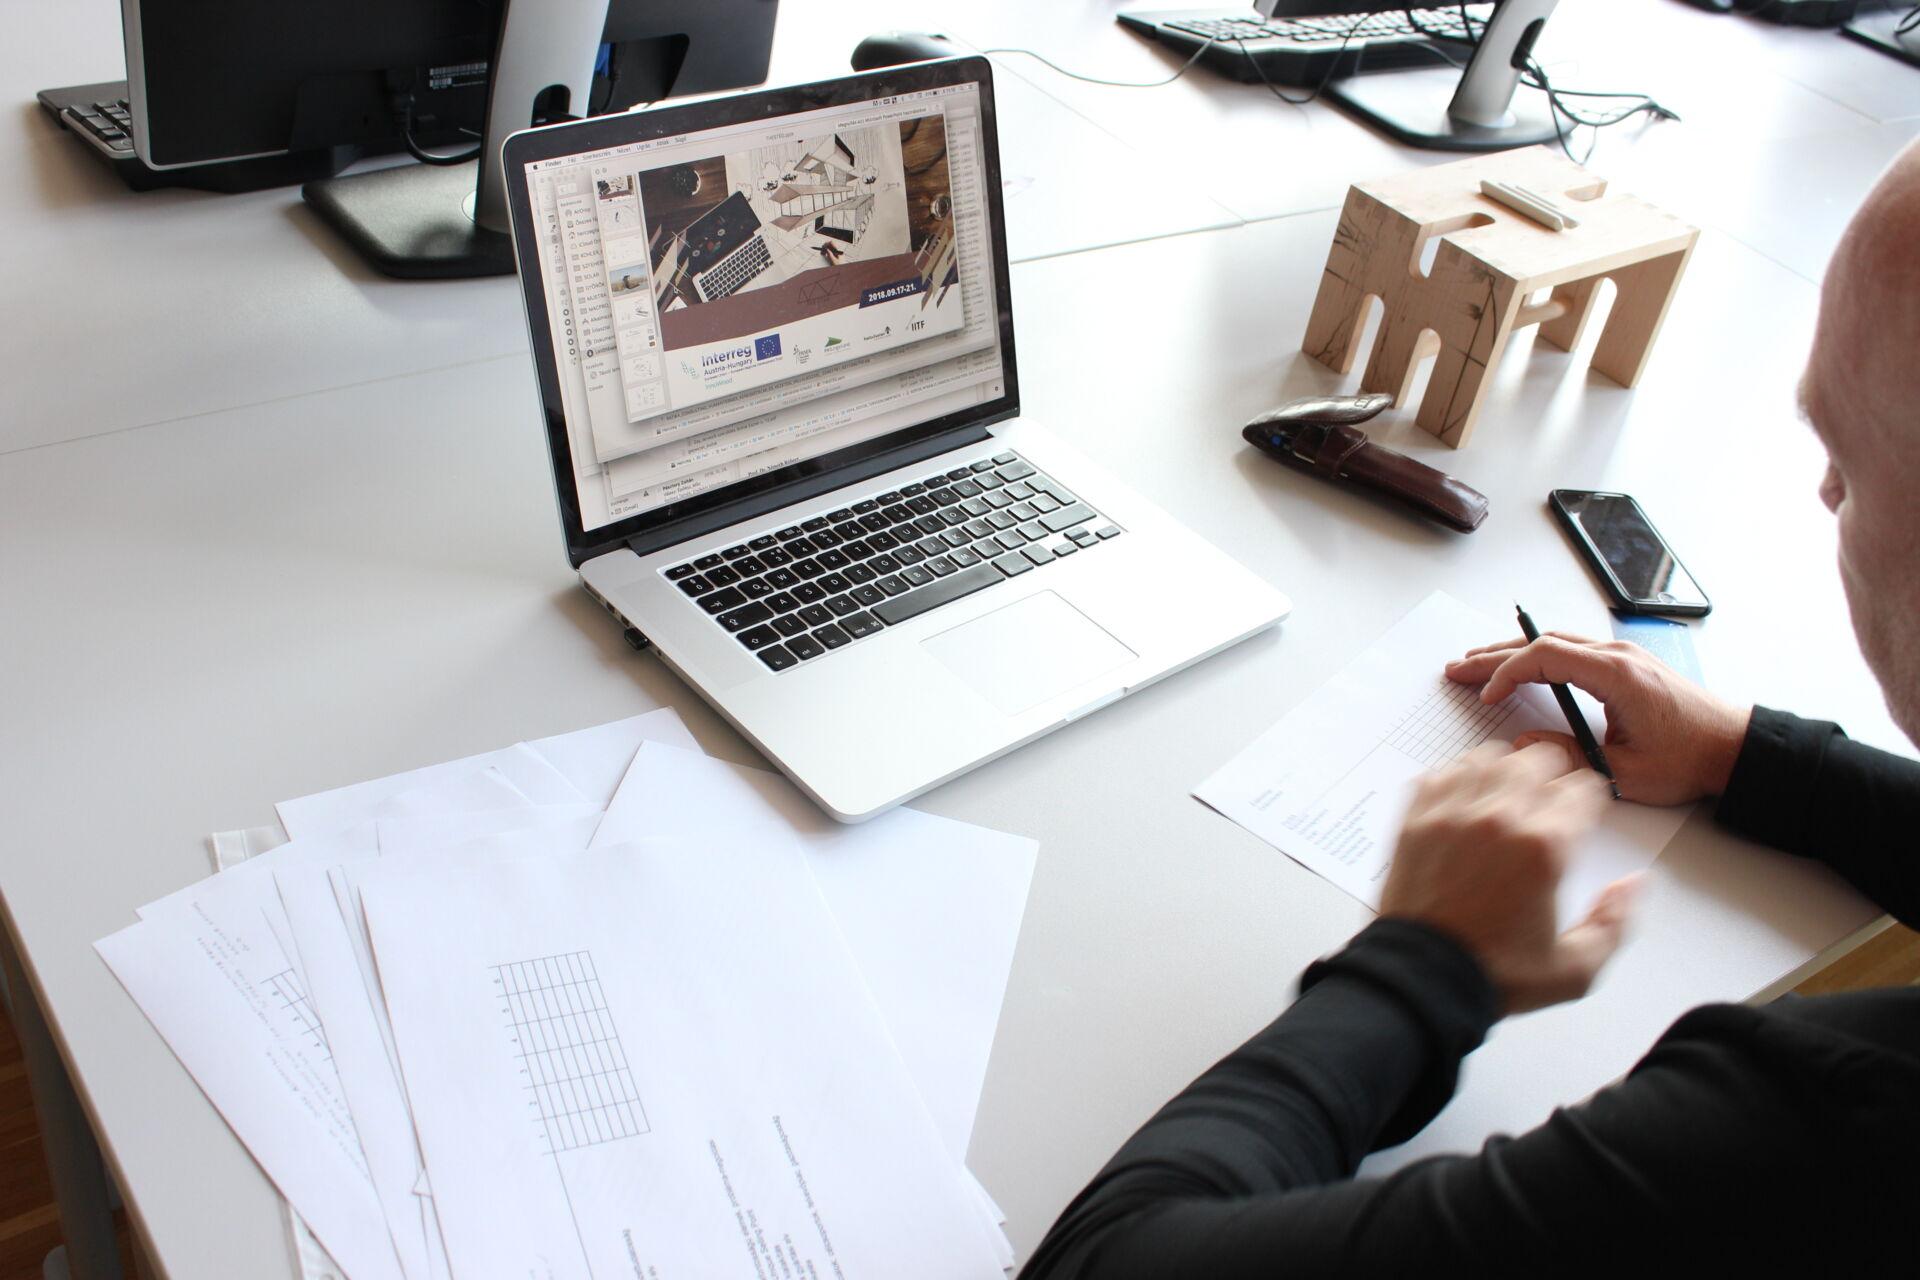 Mensch sitzt vor Laptop mit Ausschreibung zu einem Wettbewerb